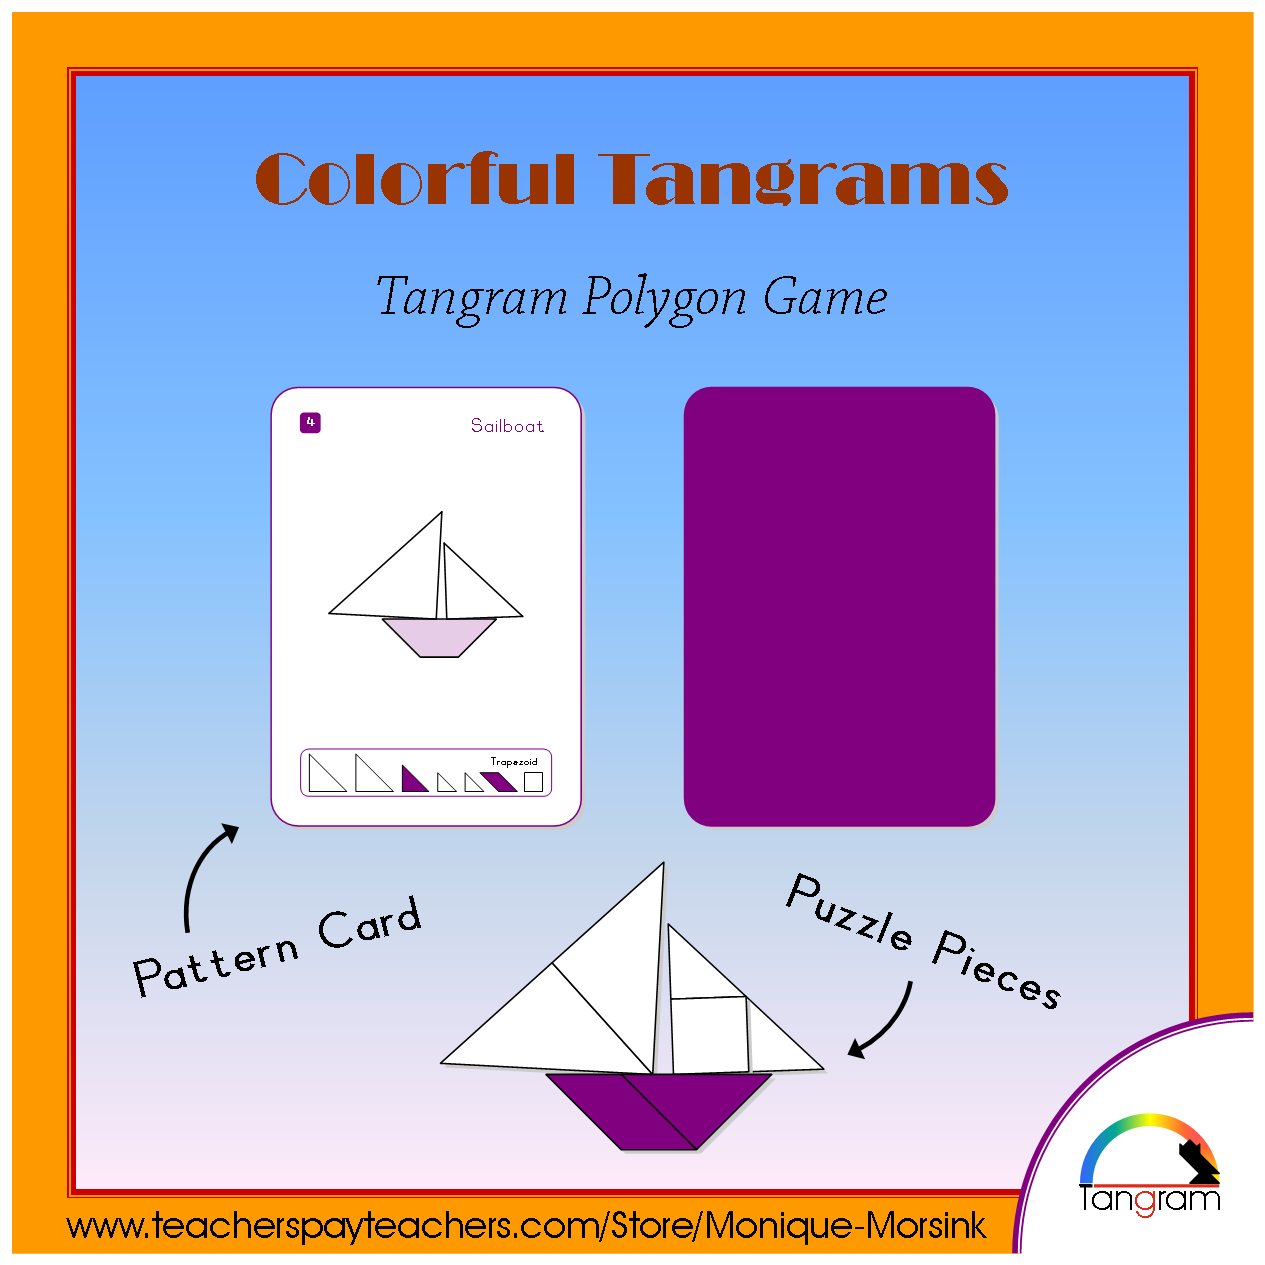 Colorful Tangrams Pirates